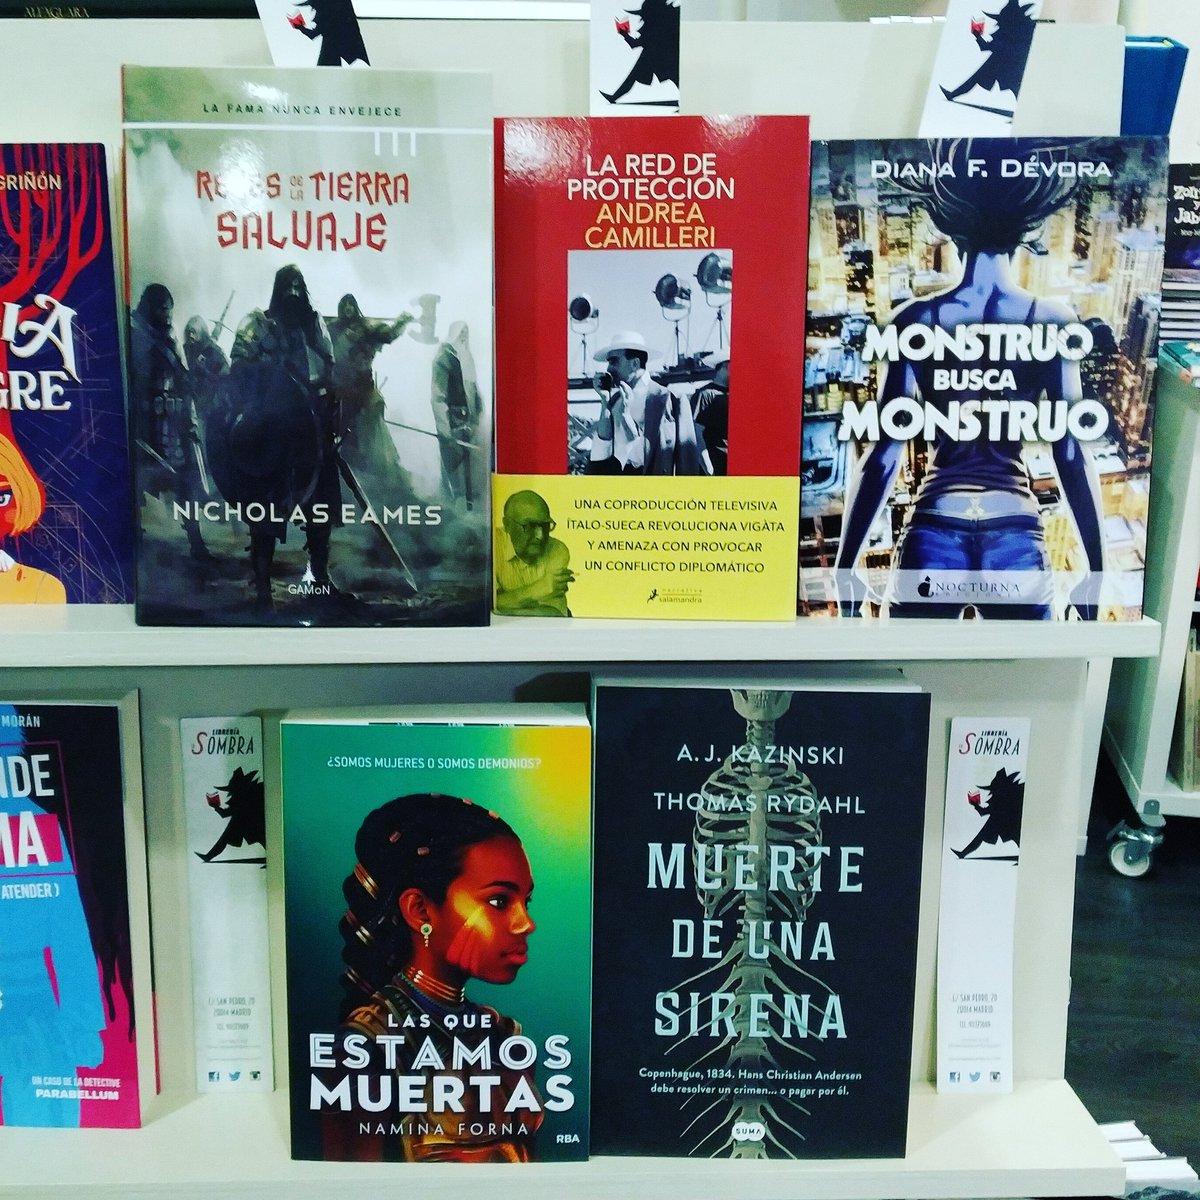 ¡En #Fantástico, #NovelaNegra y mucho más hay #NovedadesLibrescas de lo más llamativas!  Y recordad que se pueden comprar en   #ResistenciaLibresca